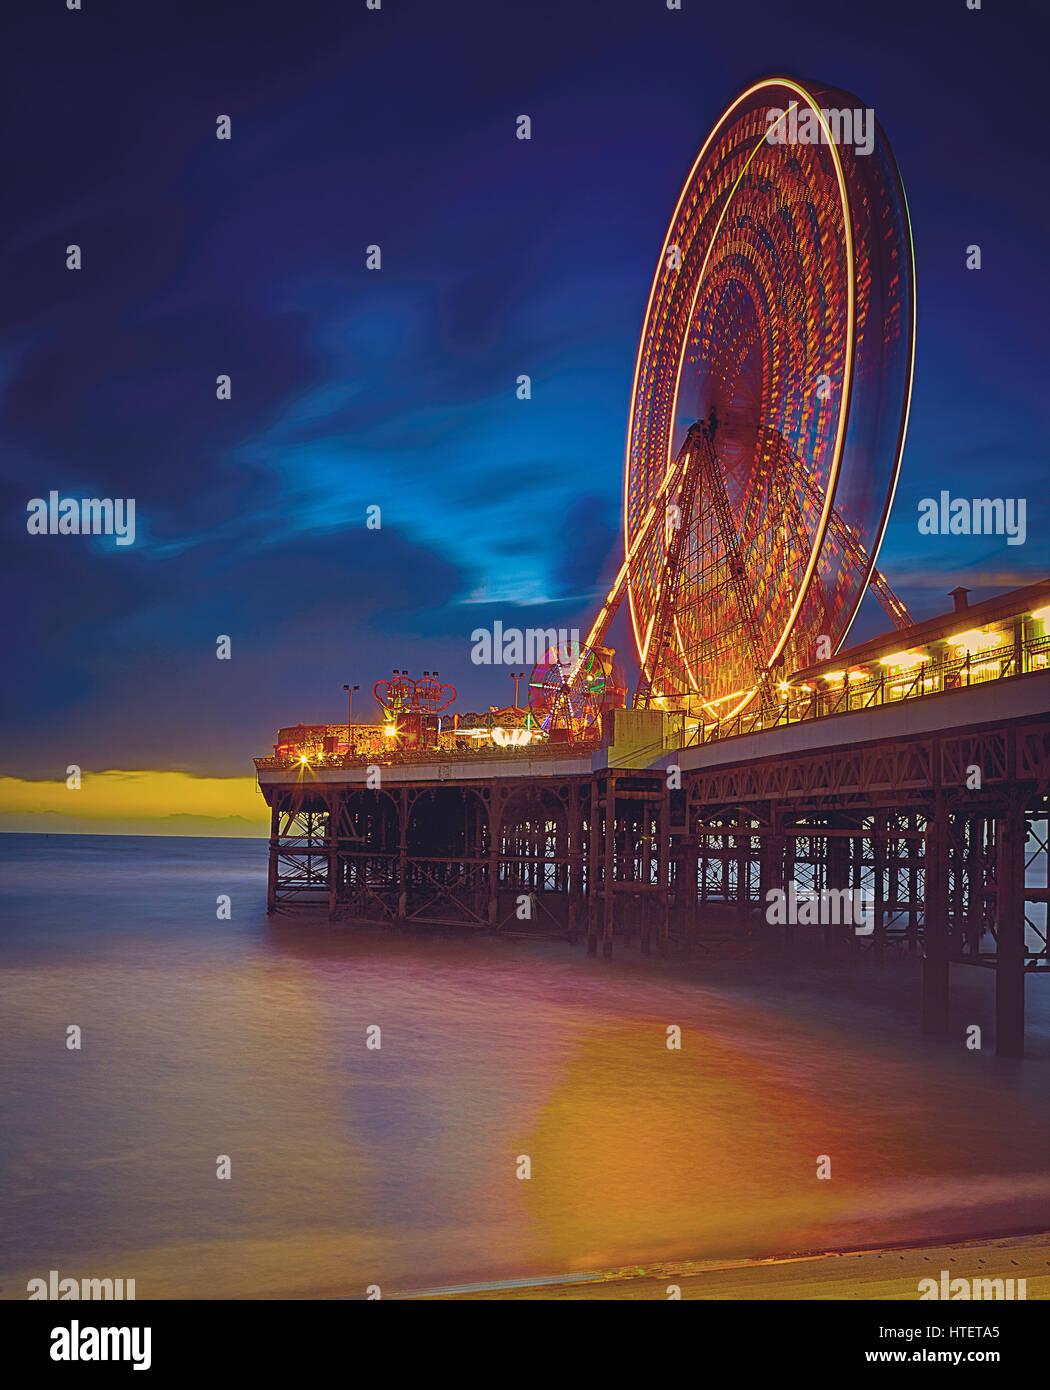 Esposizione lunga notte immagine della ruota panoramica sul molo a Blackpool Immagini Stock